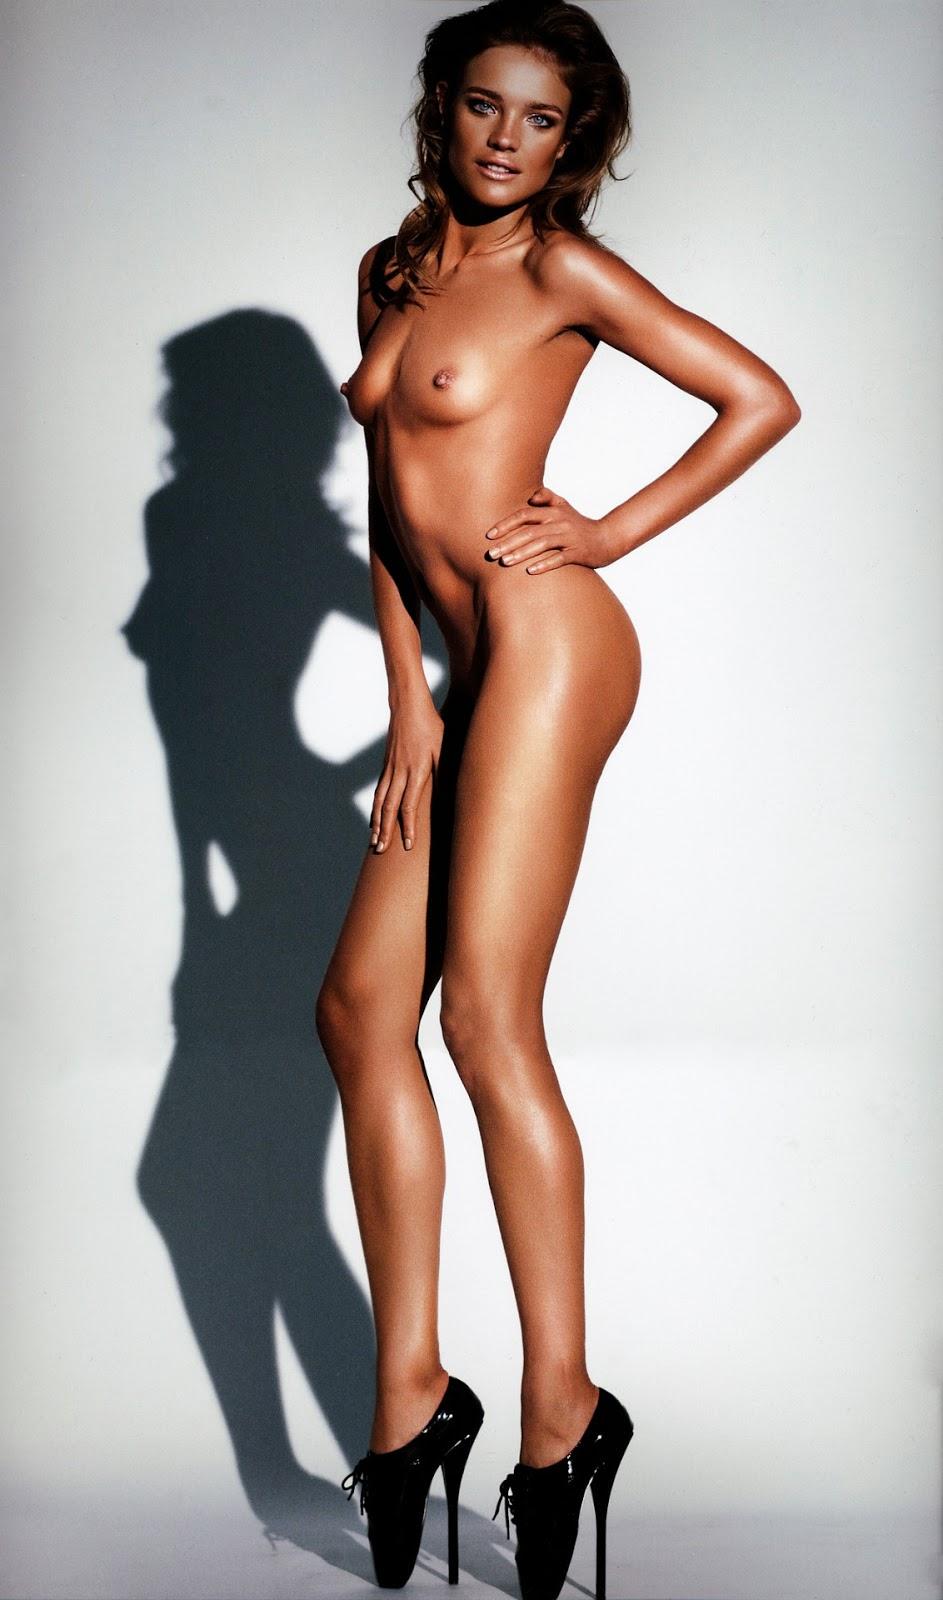 hot nude women posing